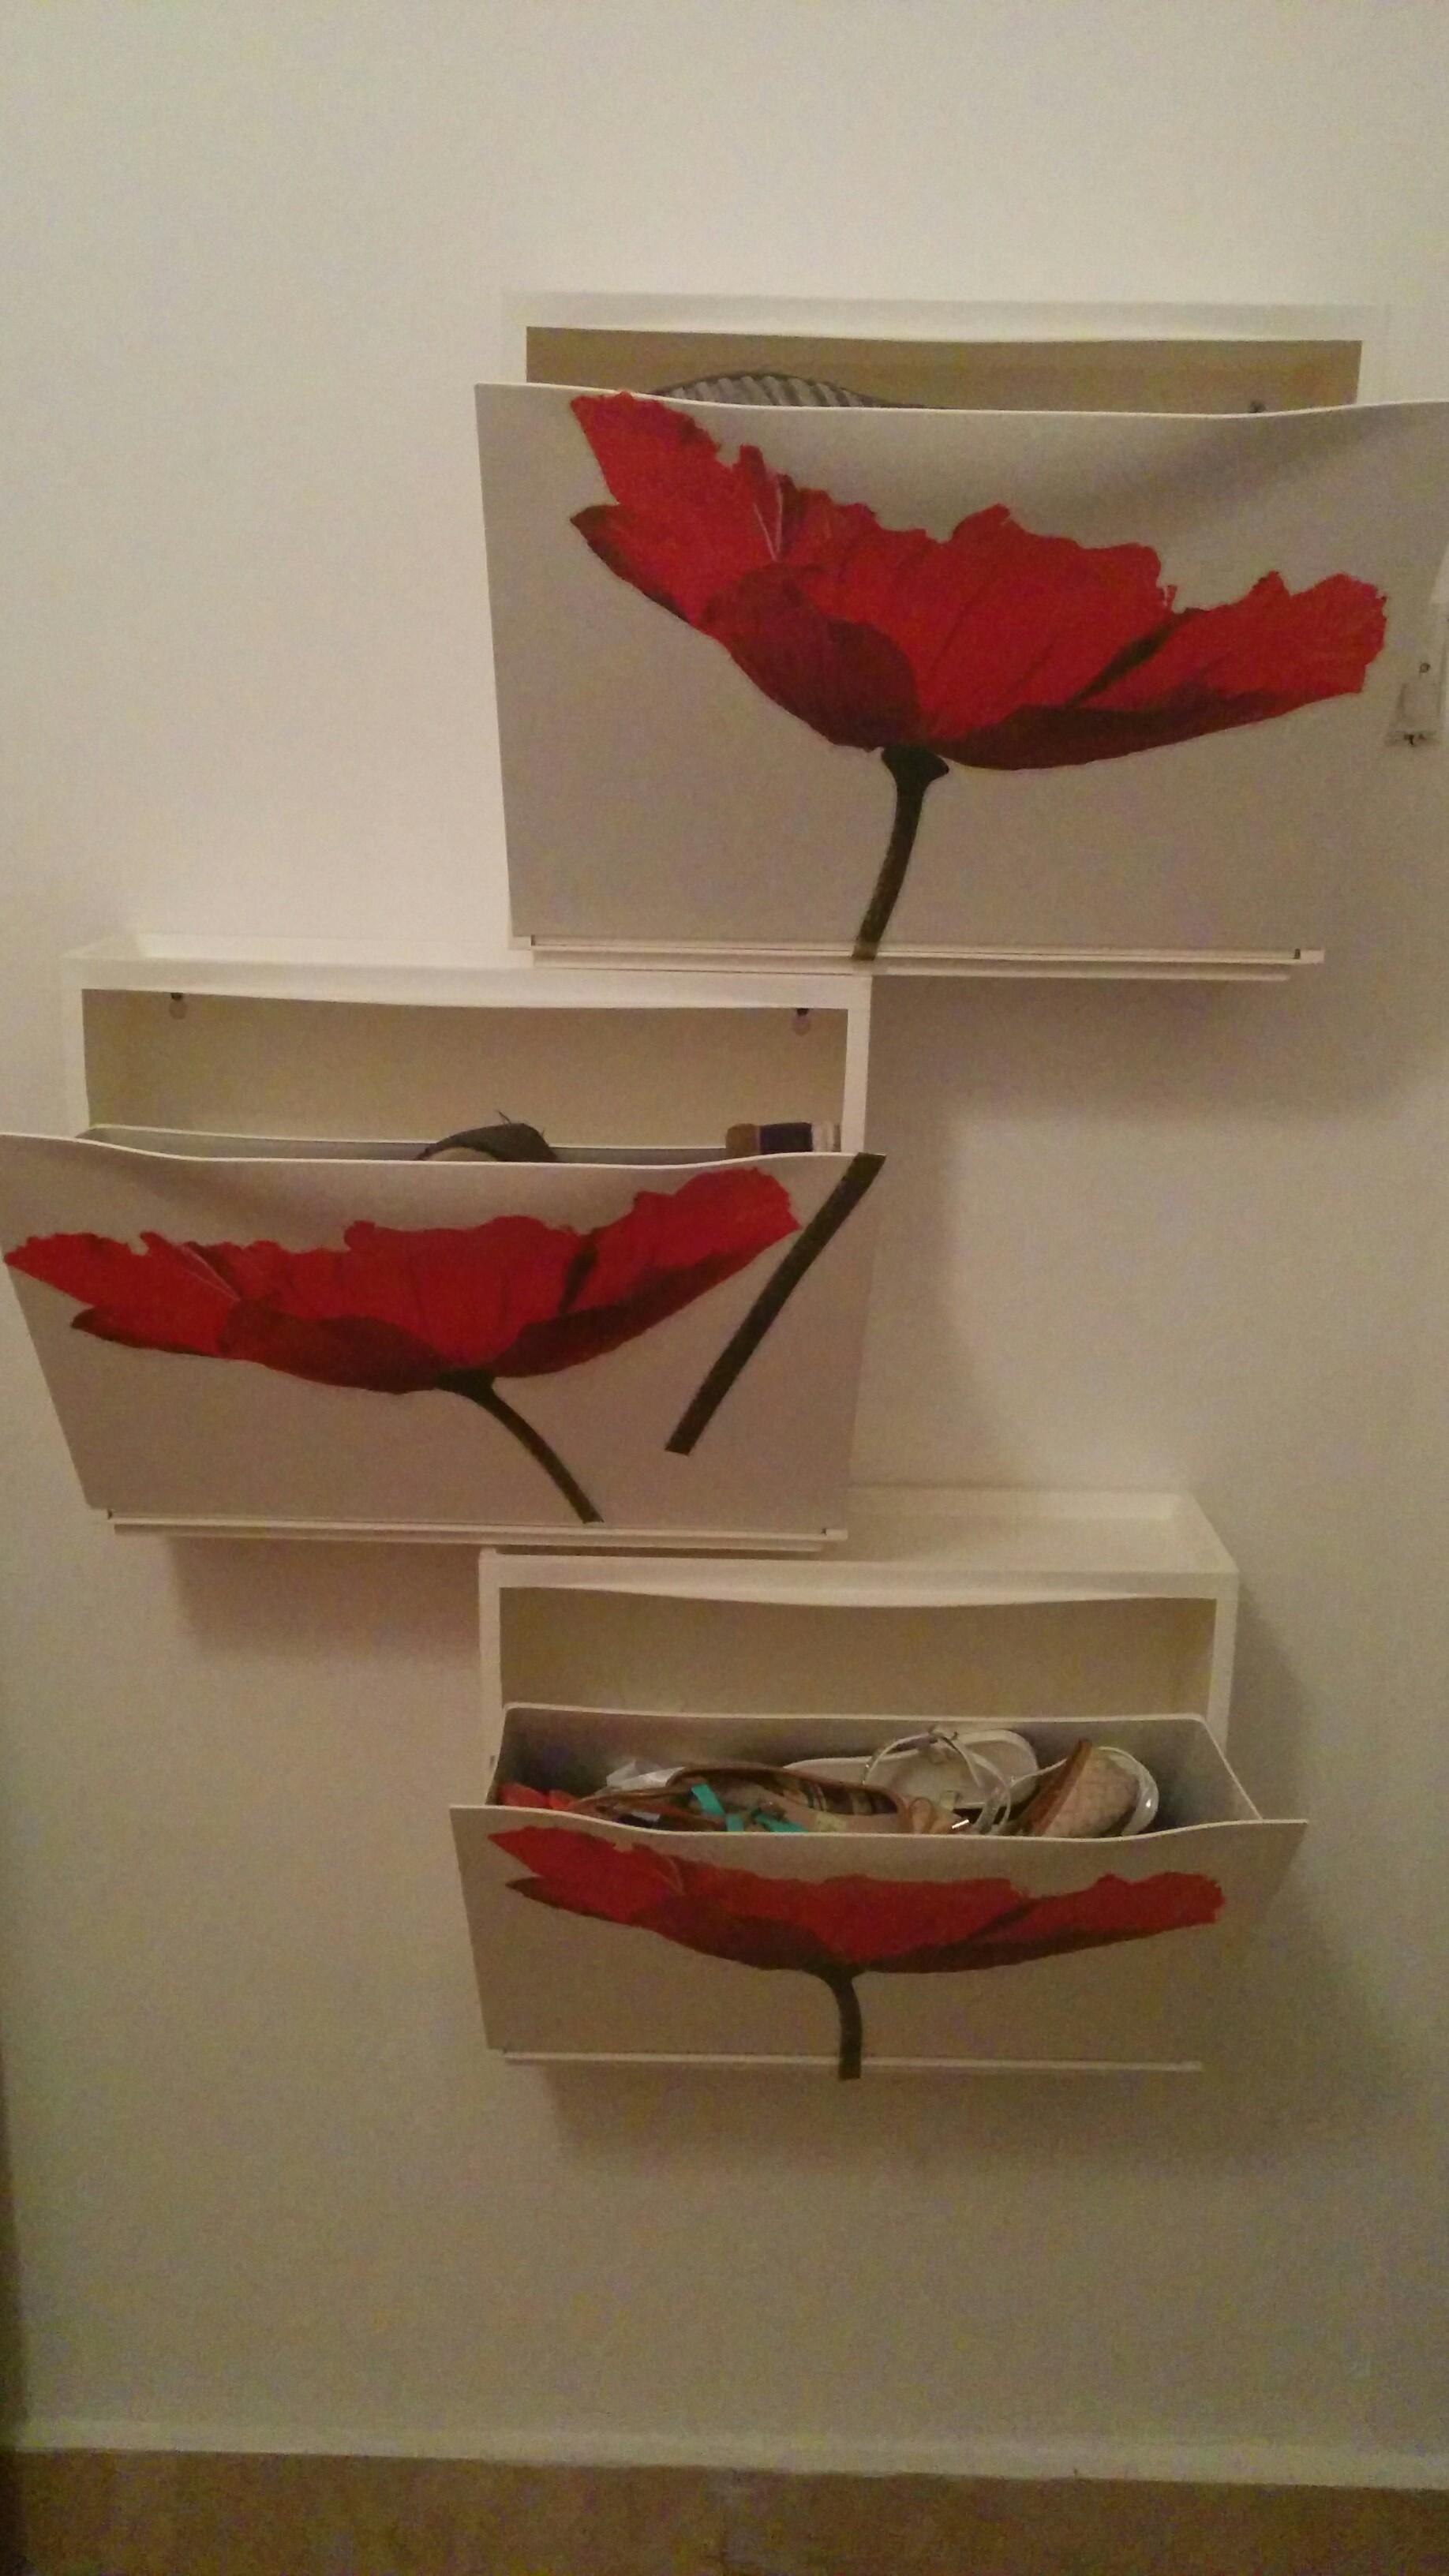 Trones Shoes Cabinet/storage | Decor ideas | Pinterest | Cabinet ...